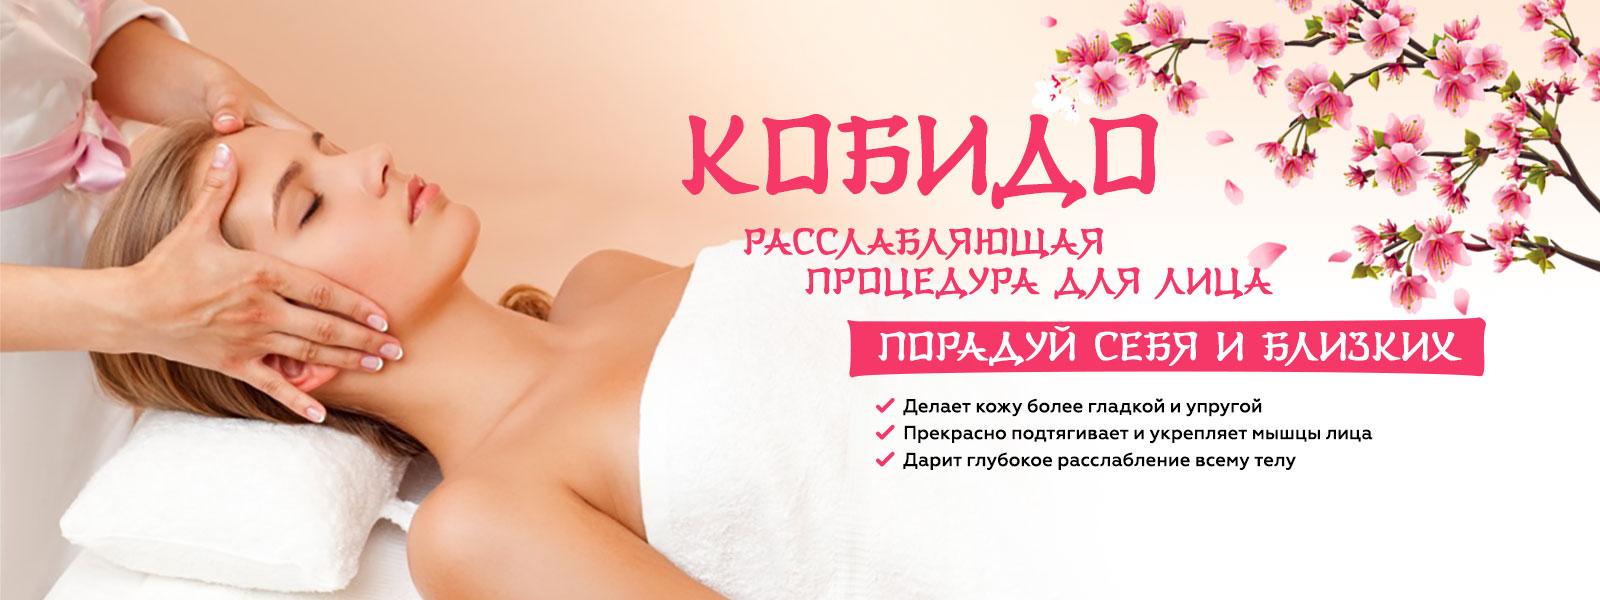 Метро девушка хочу массаж эротические массажи владивостока